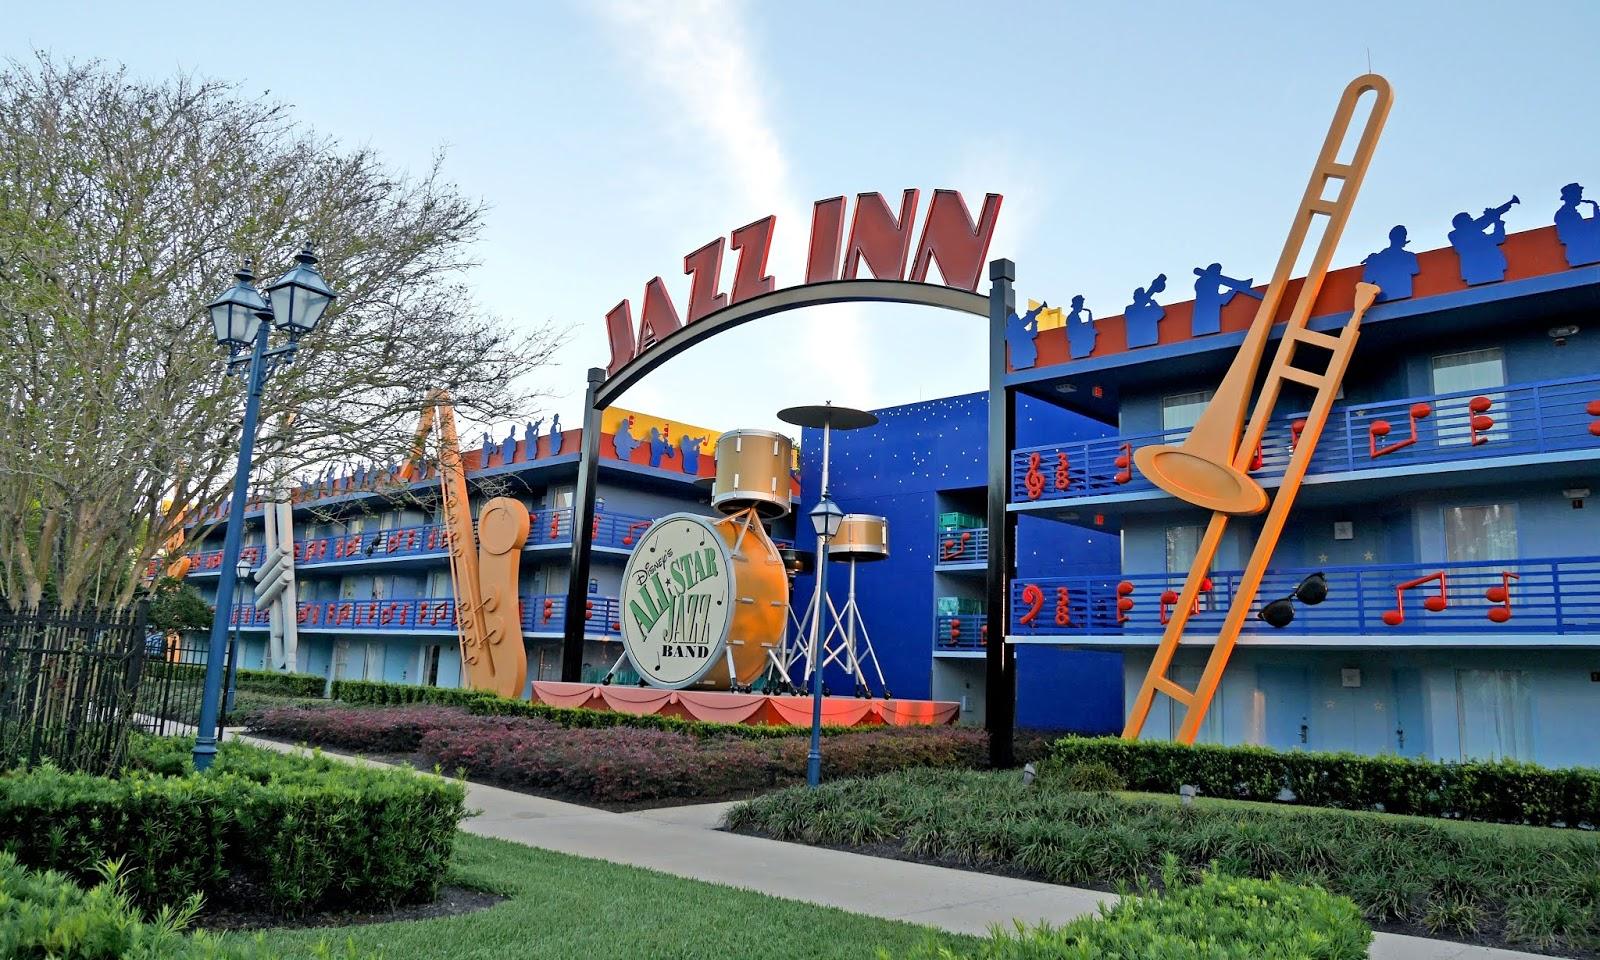 Jazz Inn at Disney's All Star Music resort, Florida